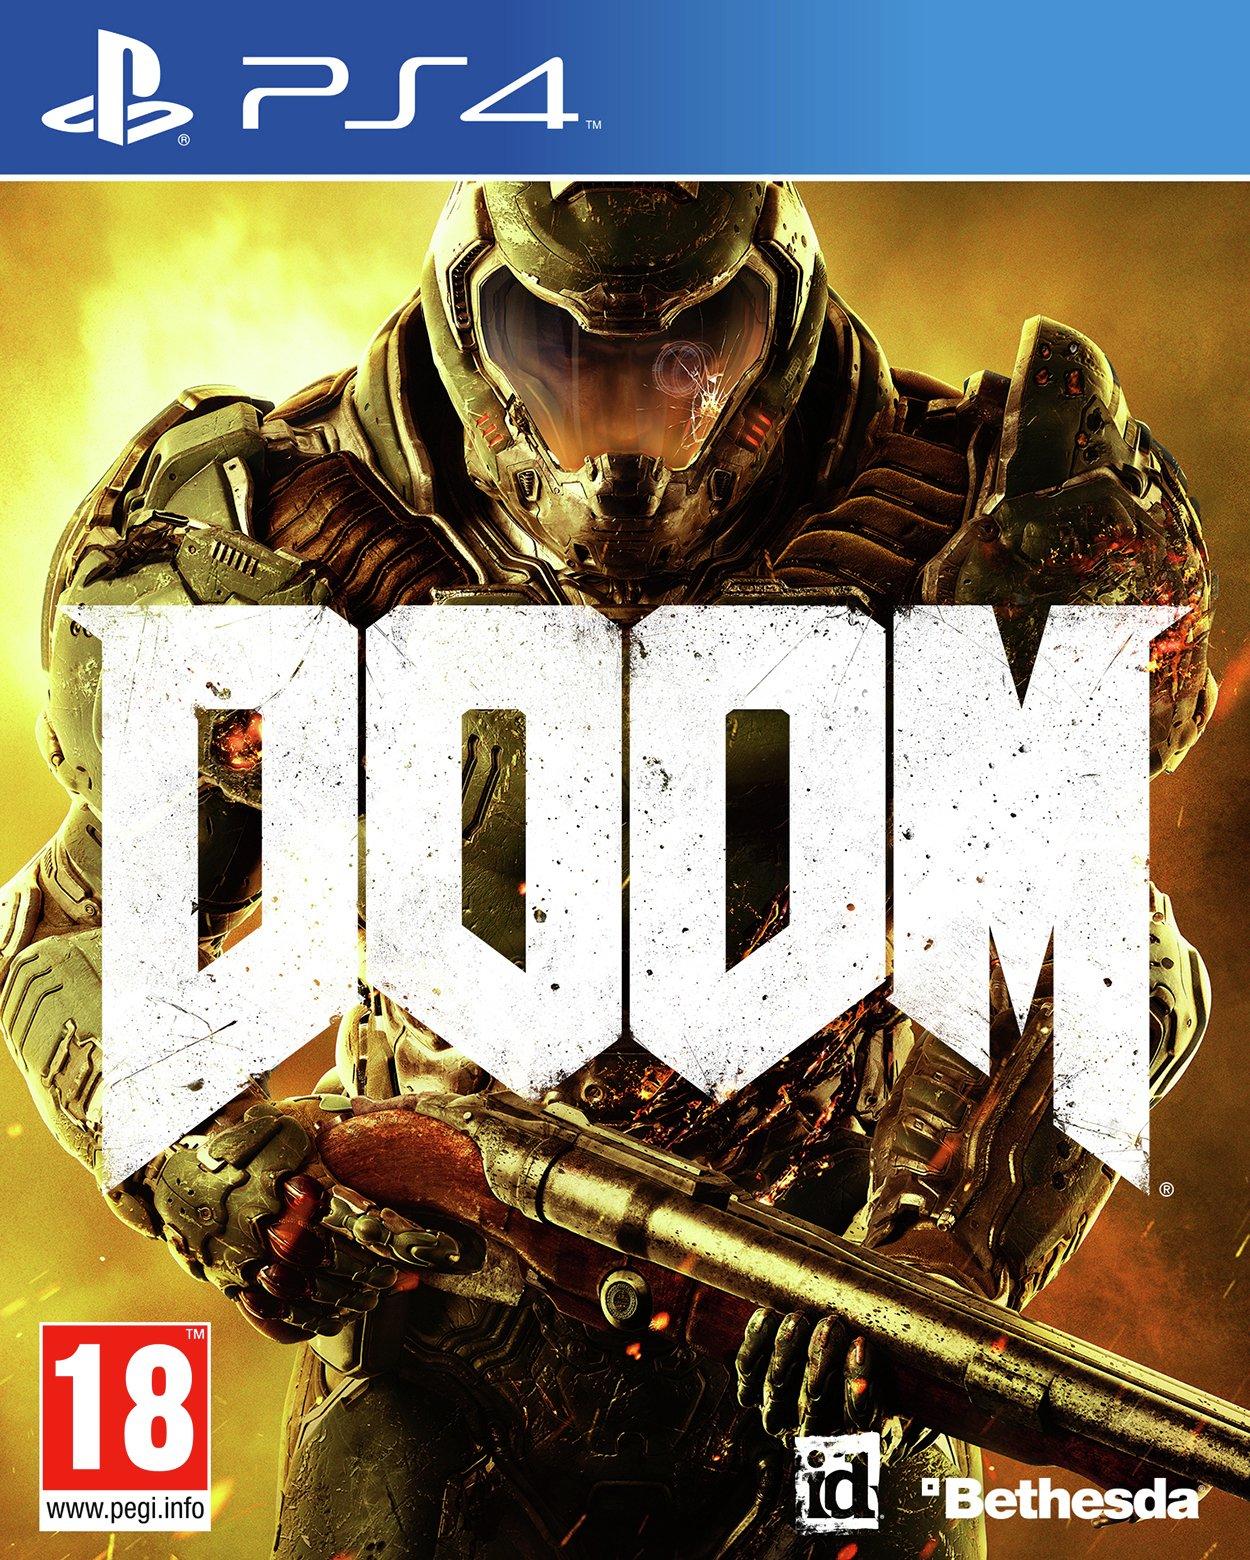 Doom DOOM - PS4 Game.